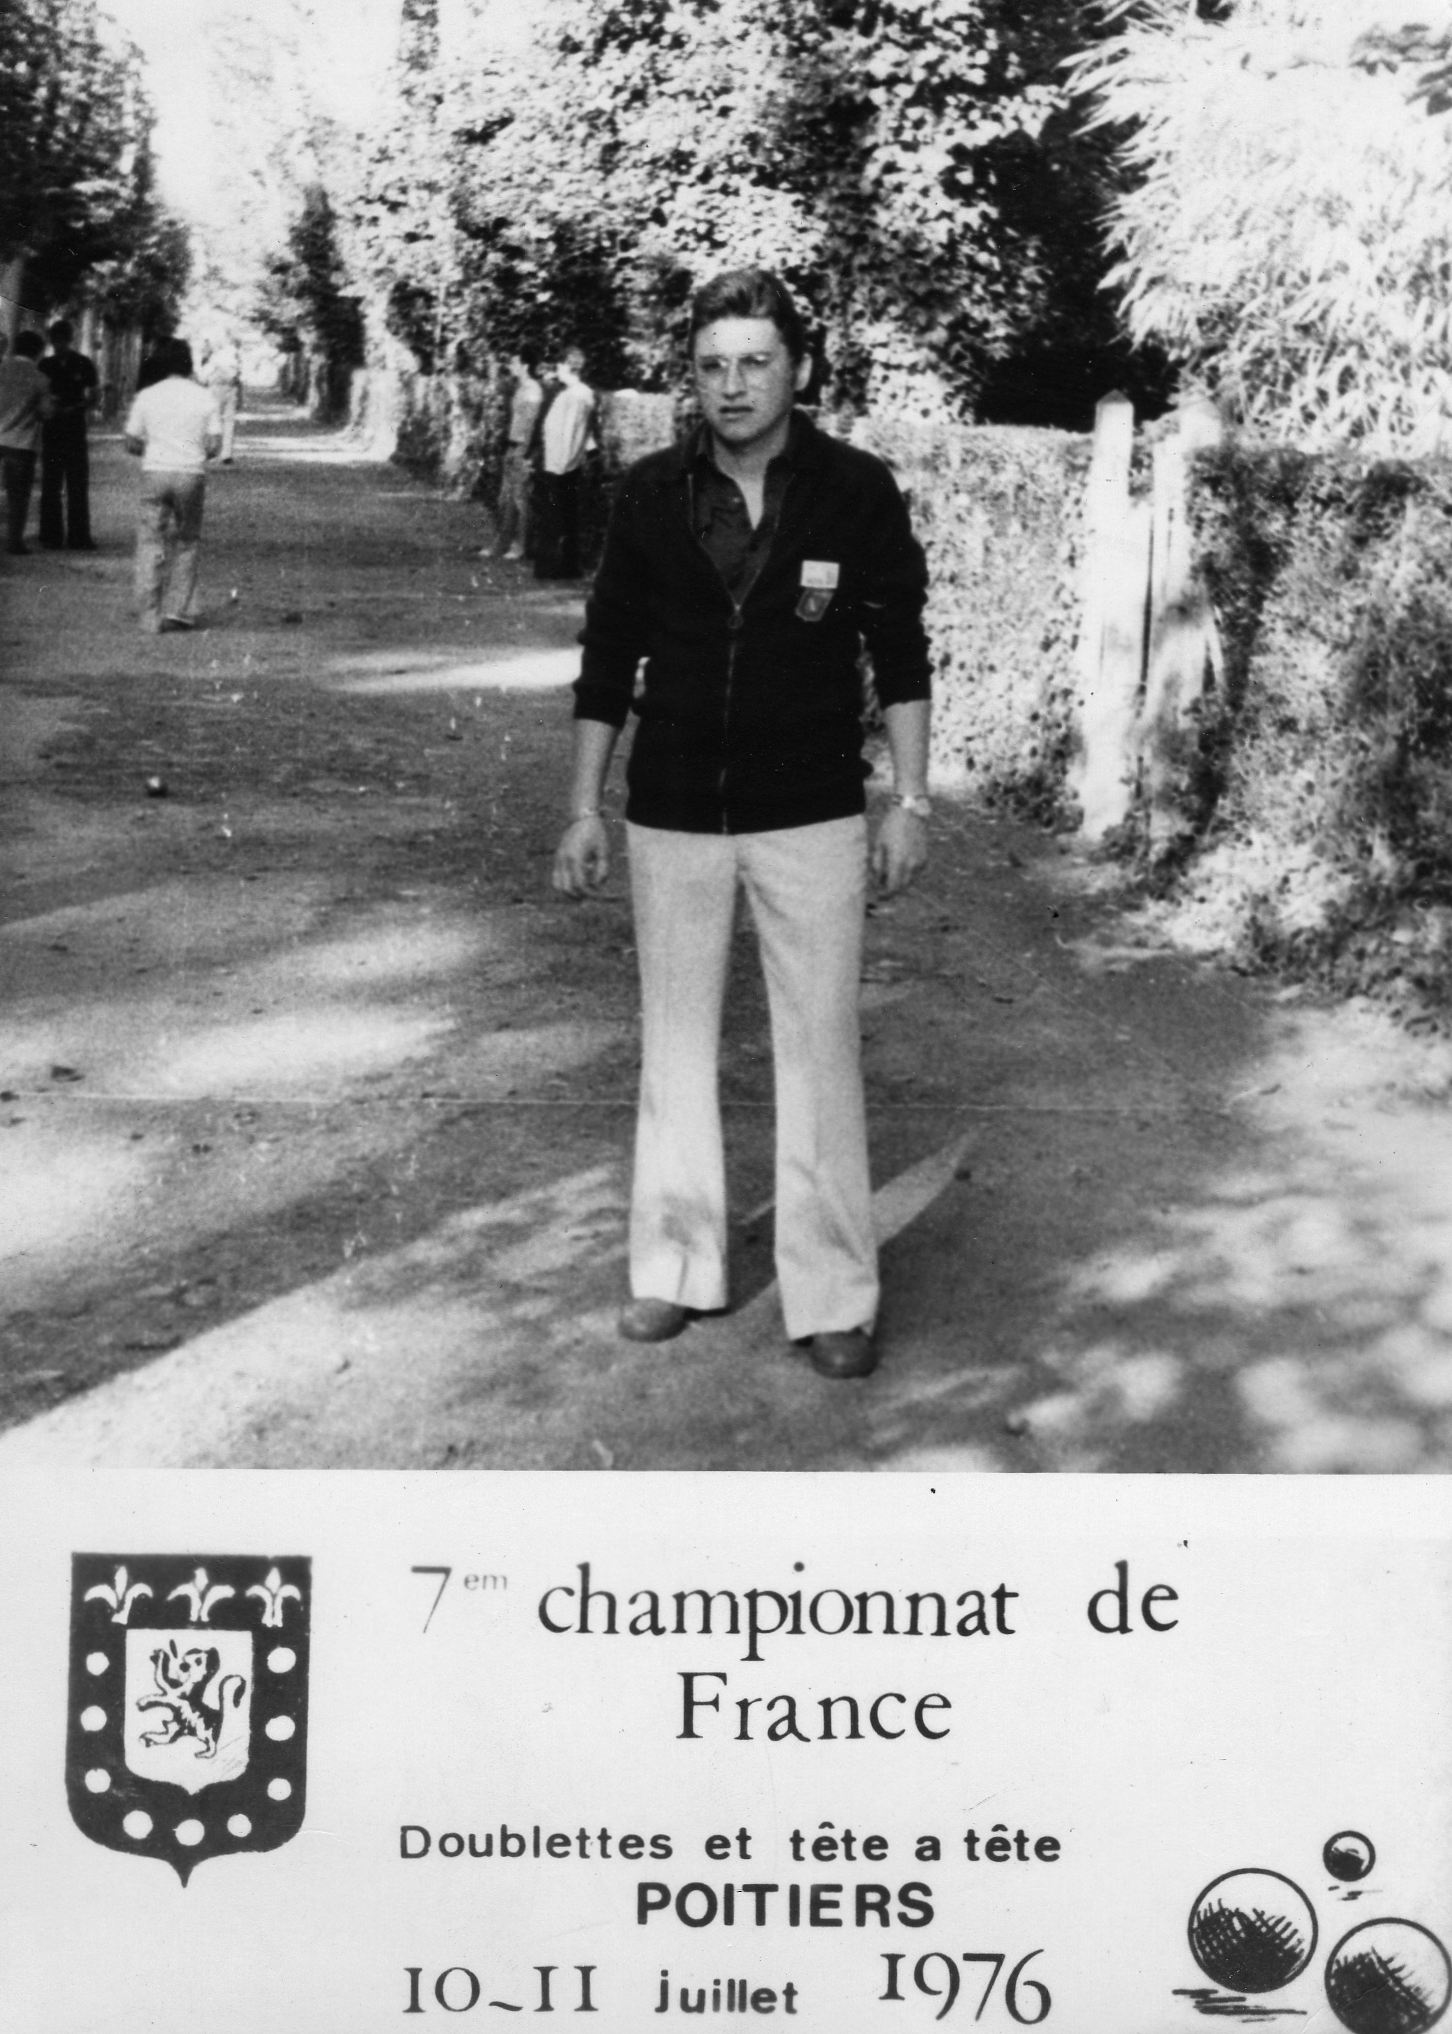 Jean-Pierre LATRUFFE